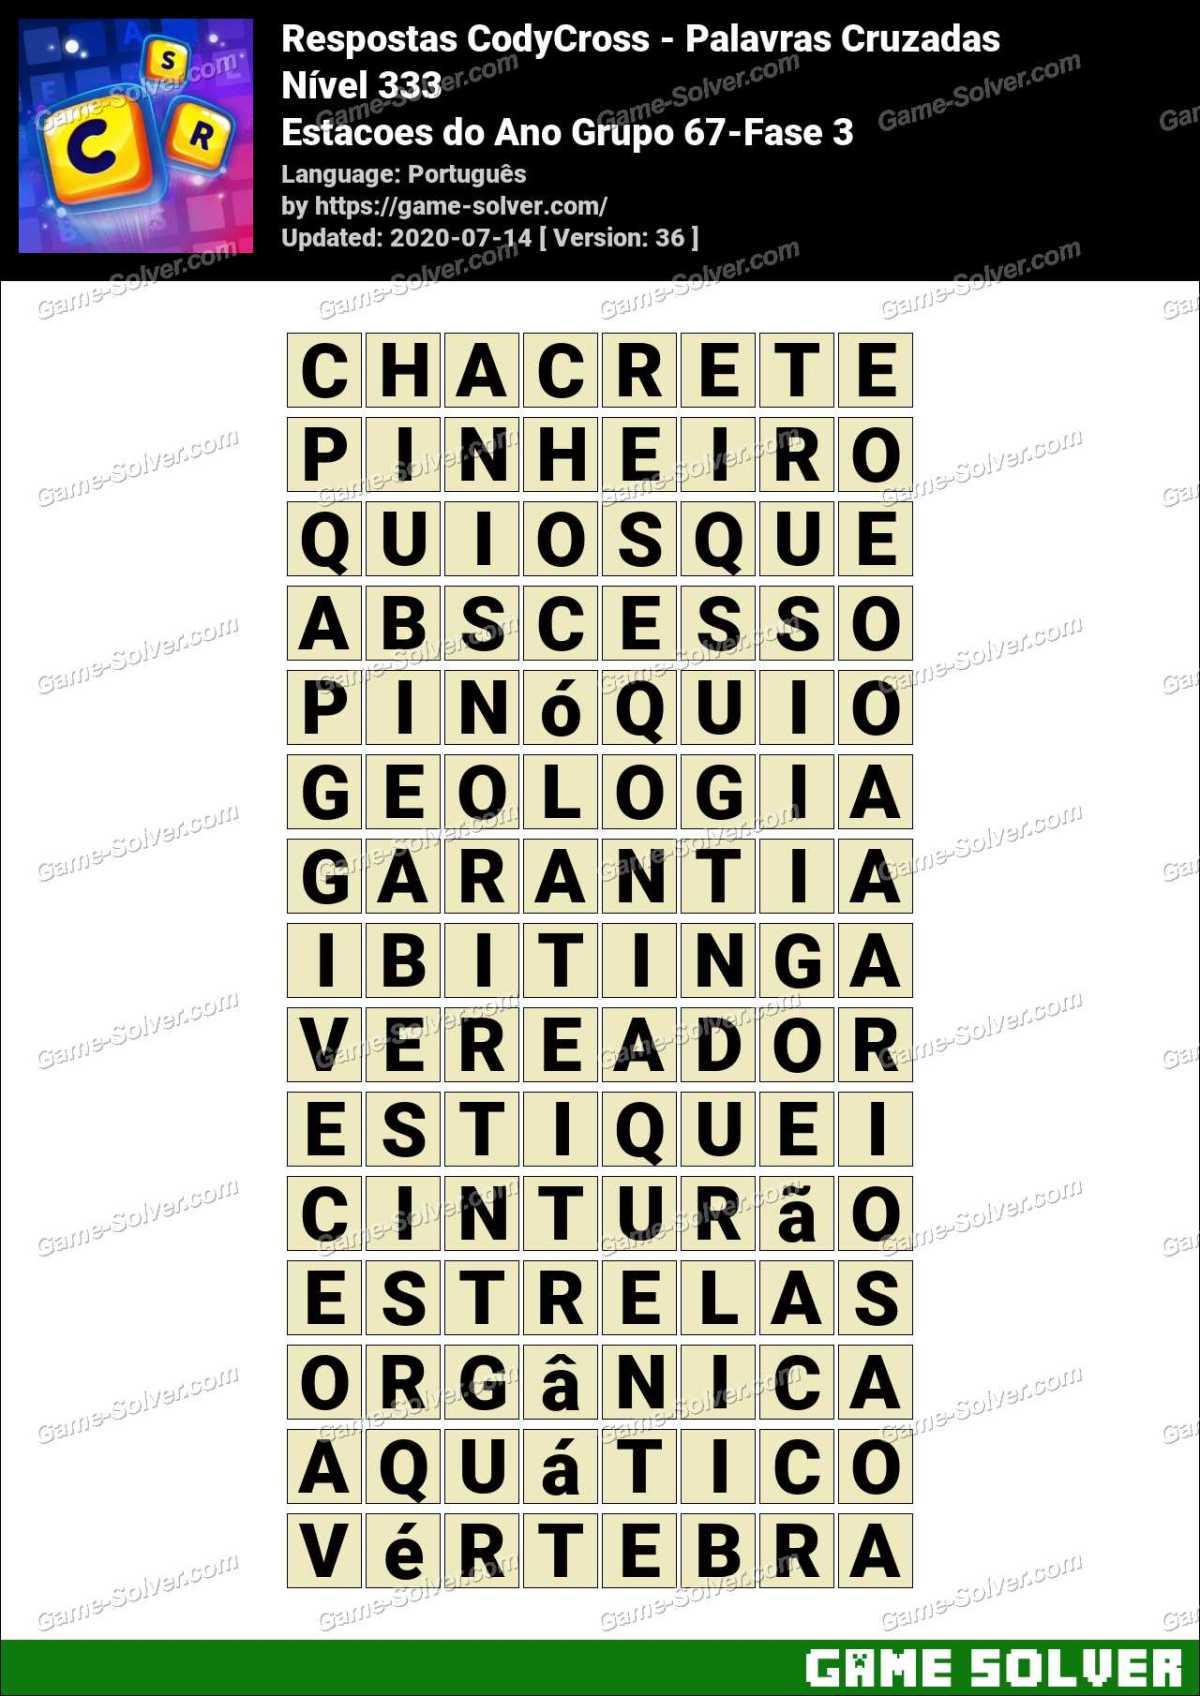 Respostas CodyCross Estacoes do Ano Grupo 67-Fase 3